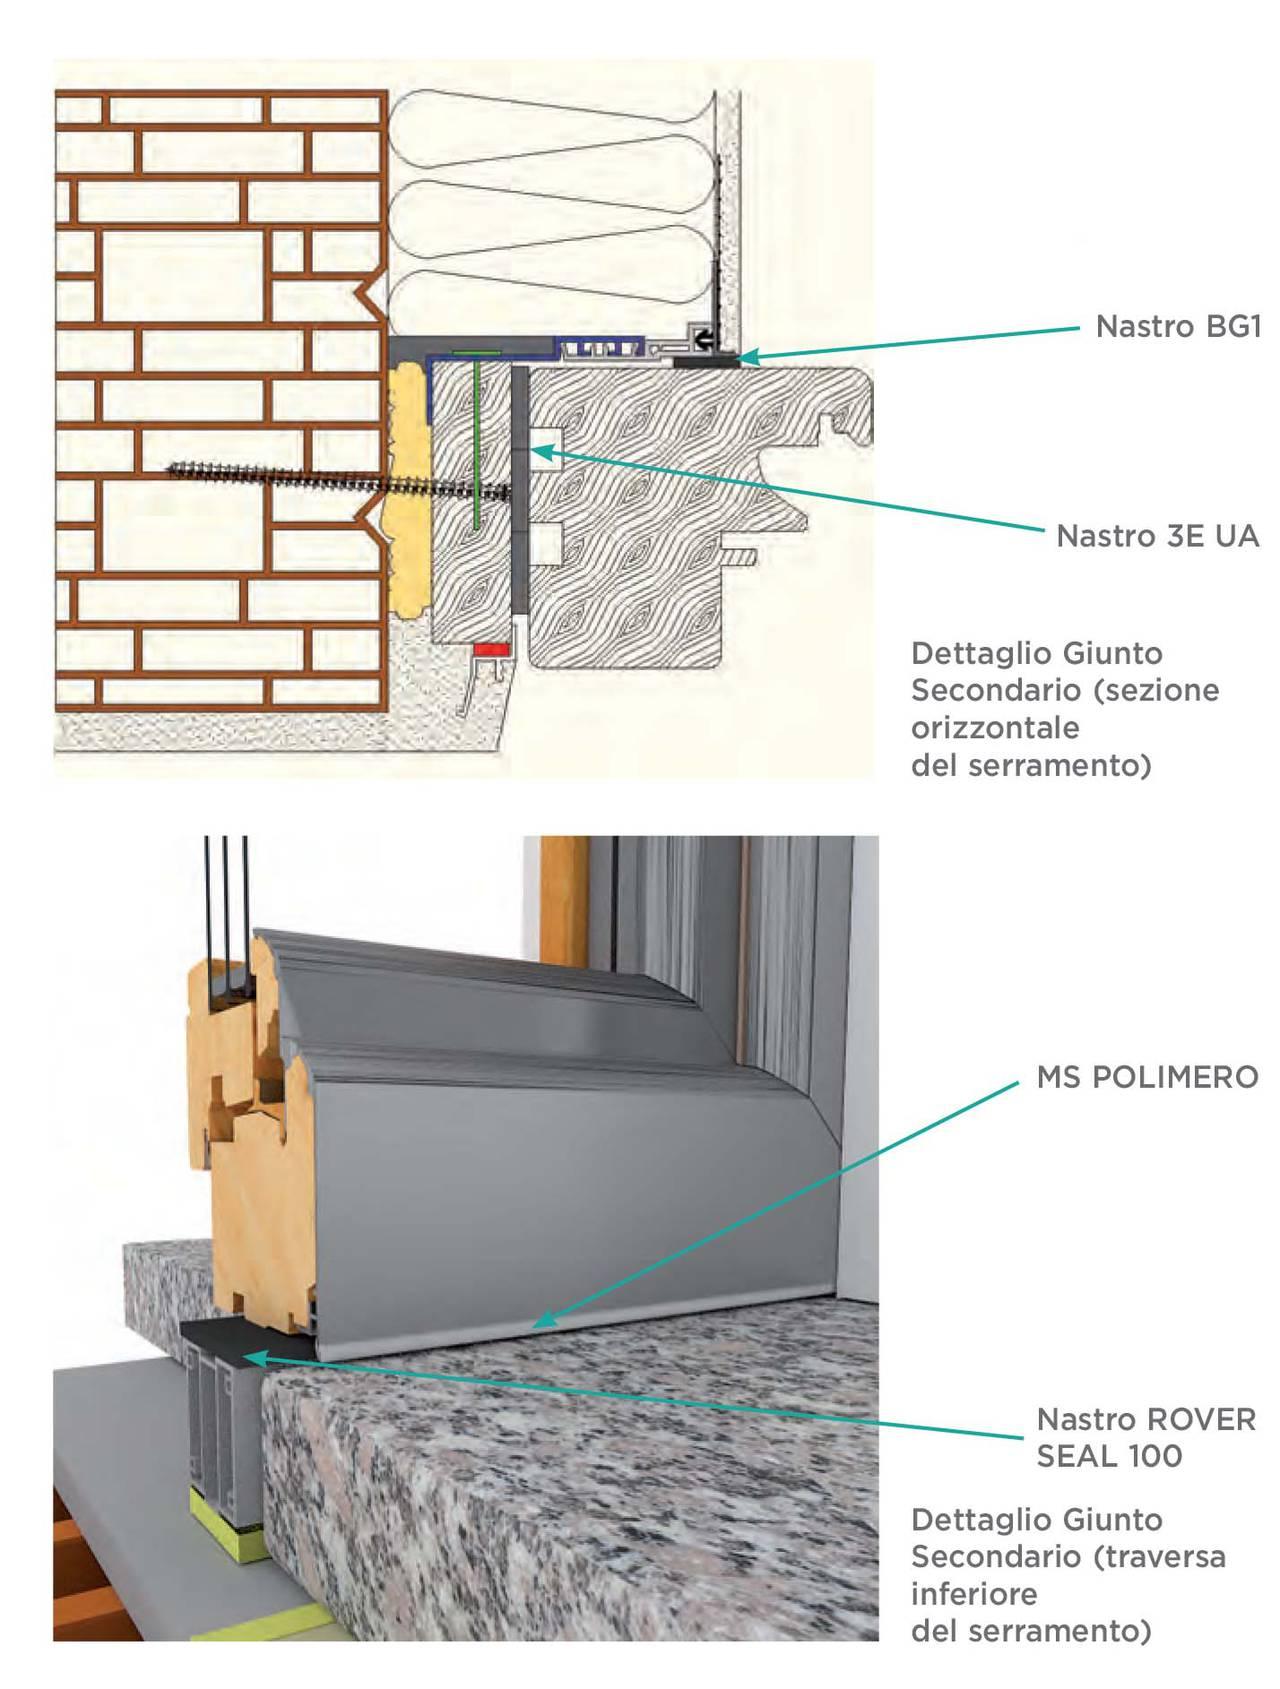 Roverplastik prodotti per la sigillatura del foro finestra il giornale del serramento - Aprire finestra muro esterno ...